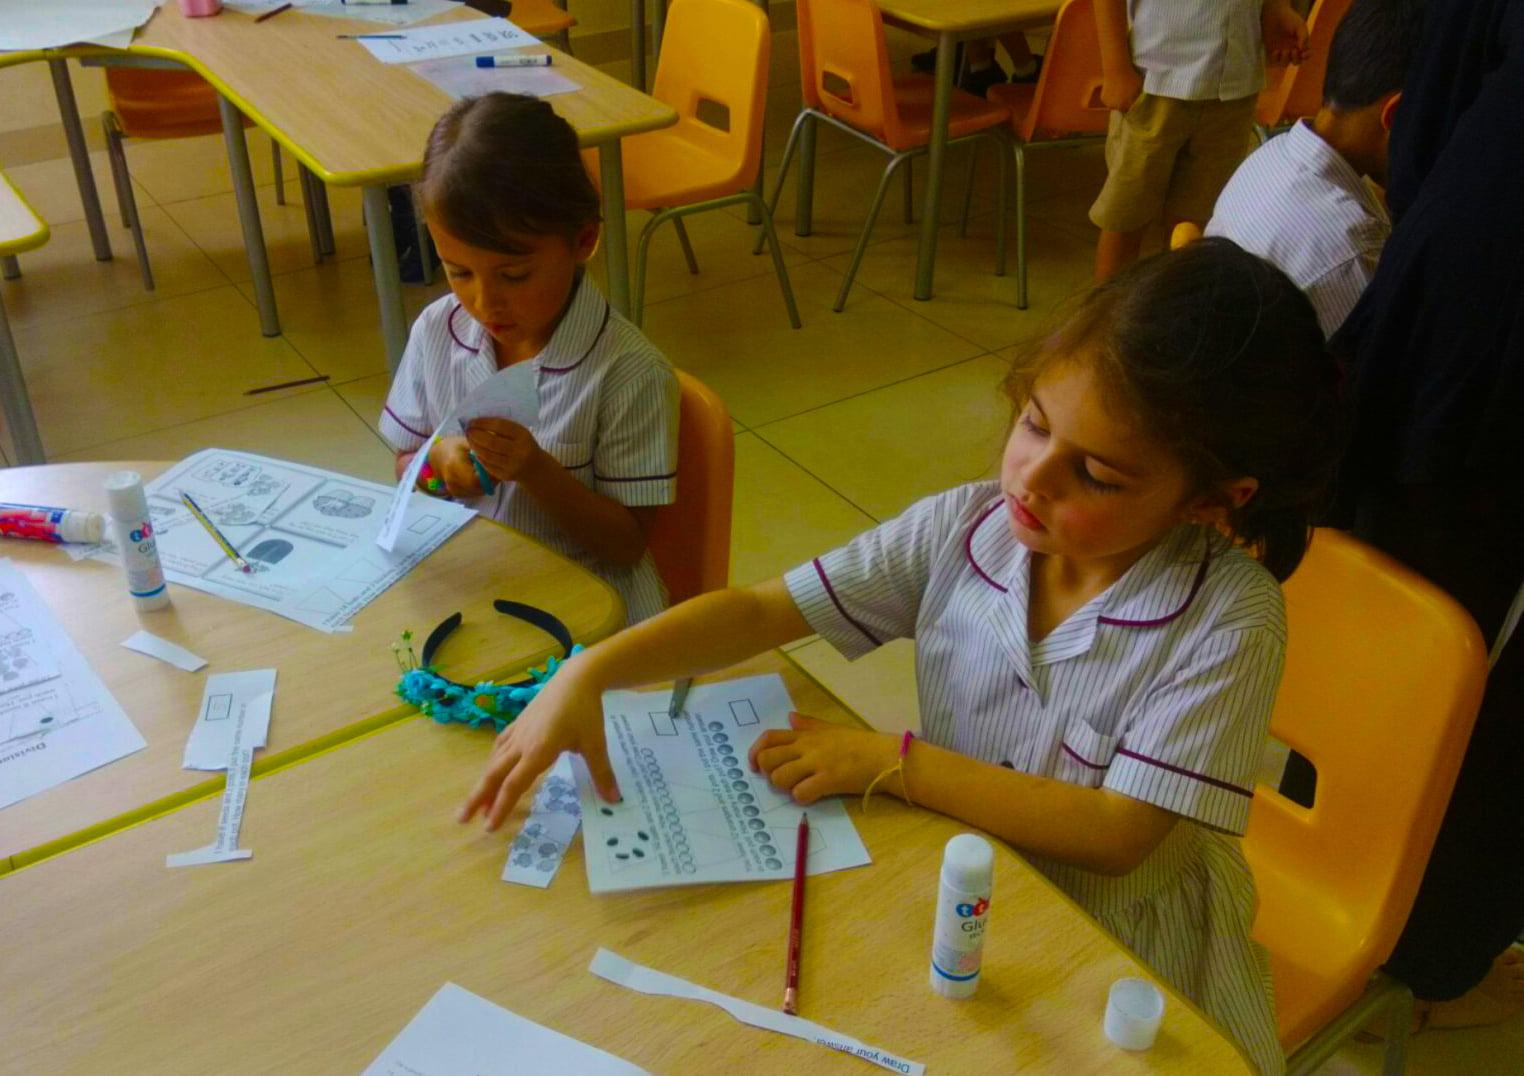 Mga bata ng Victory Heights Primary School sa silid aralan - finalist ng mga paaralancompared.com Awards para sa Pinakamahusay na Paaralan sa Dubai at Abu Dhabi 2017